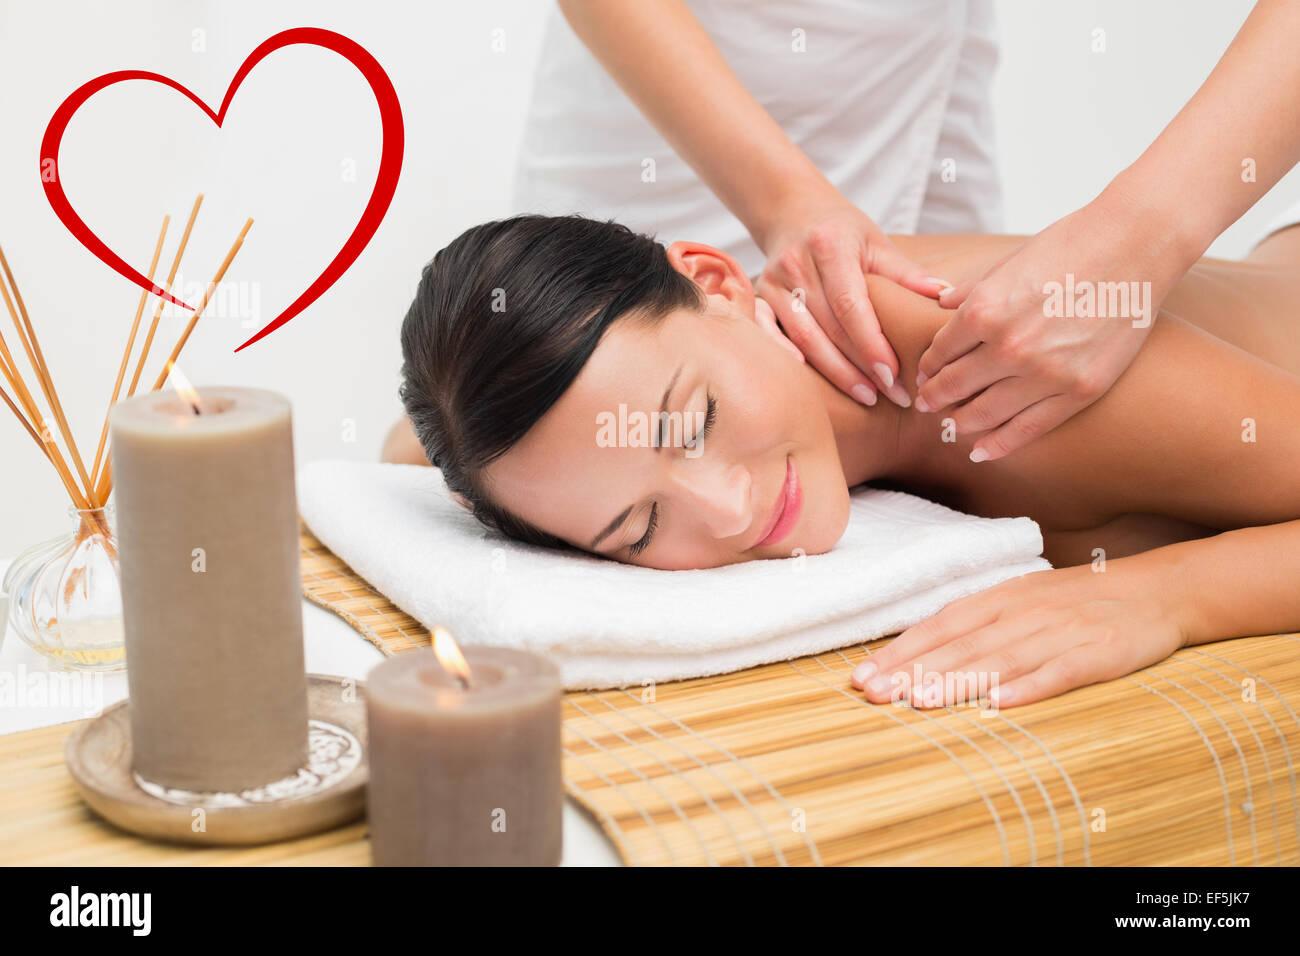 Zusammengesetztes Bild schöne Brünette einer Schulter Massage lächelnd in die Kamera Stockbild